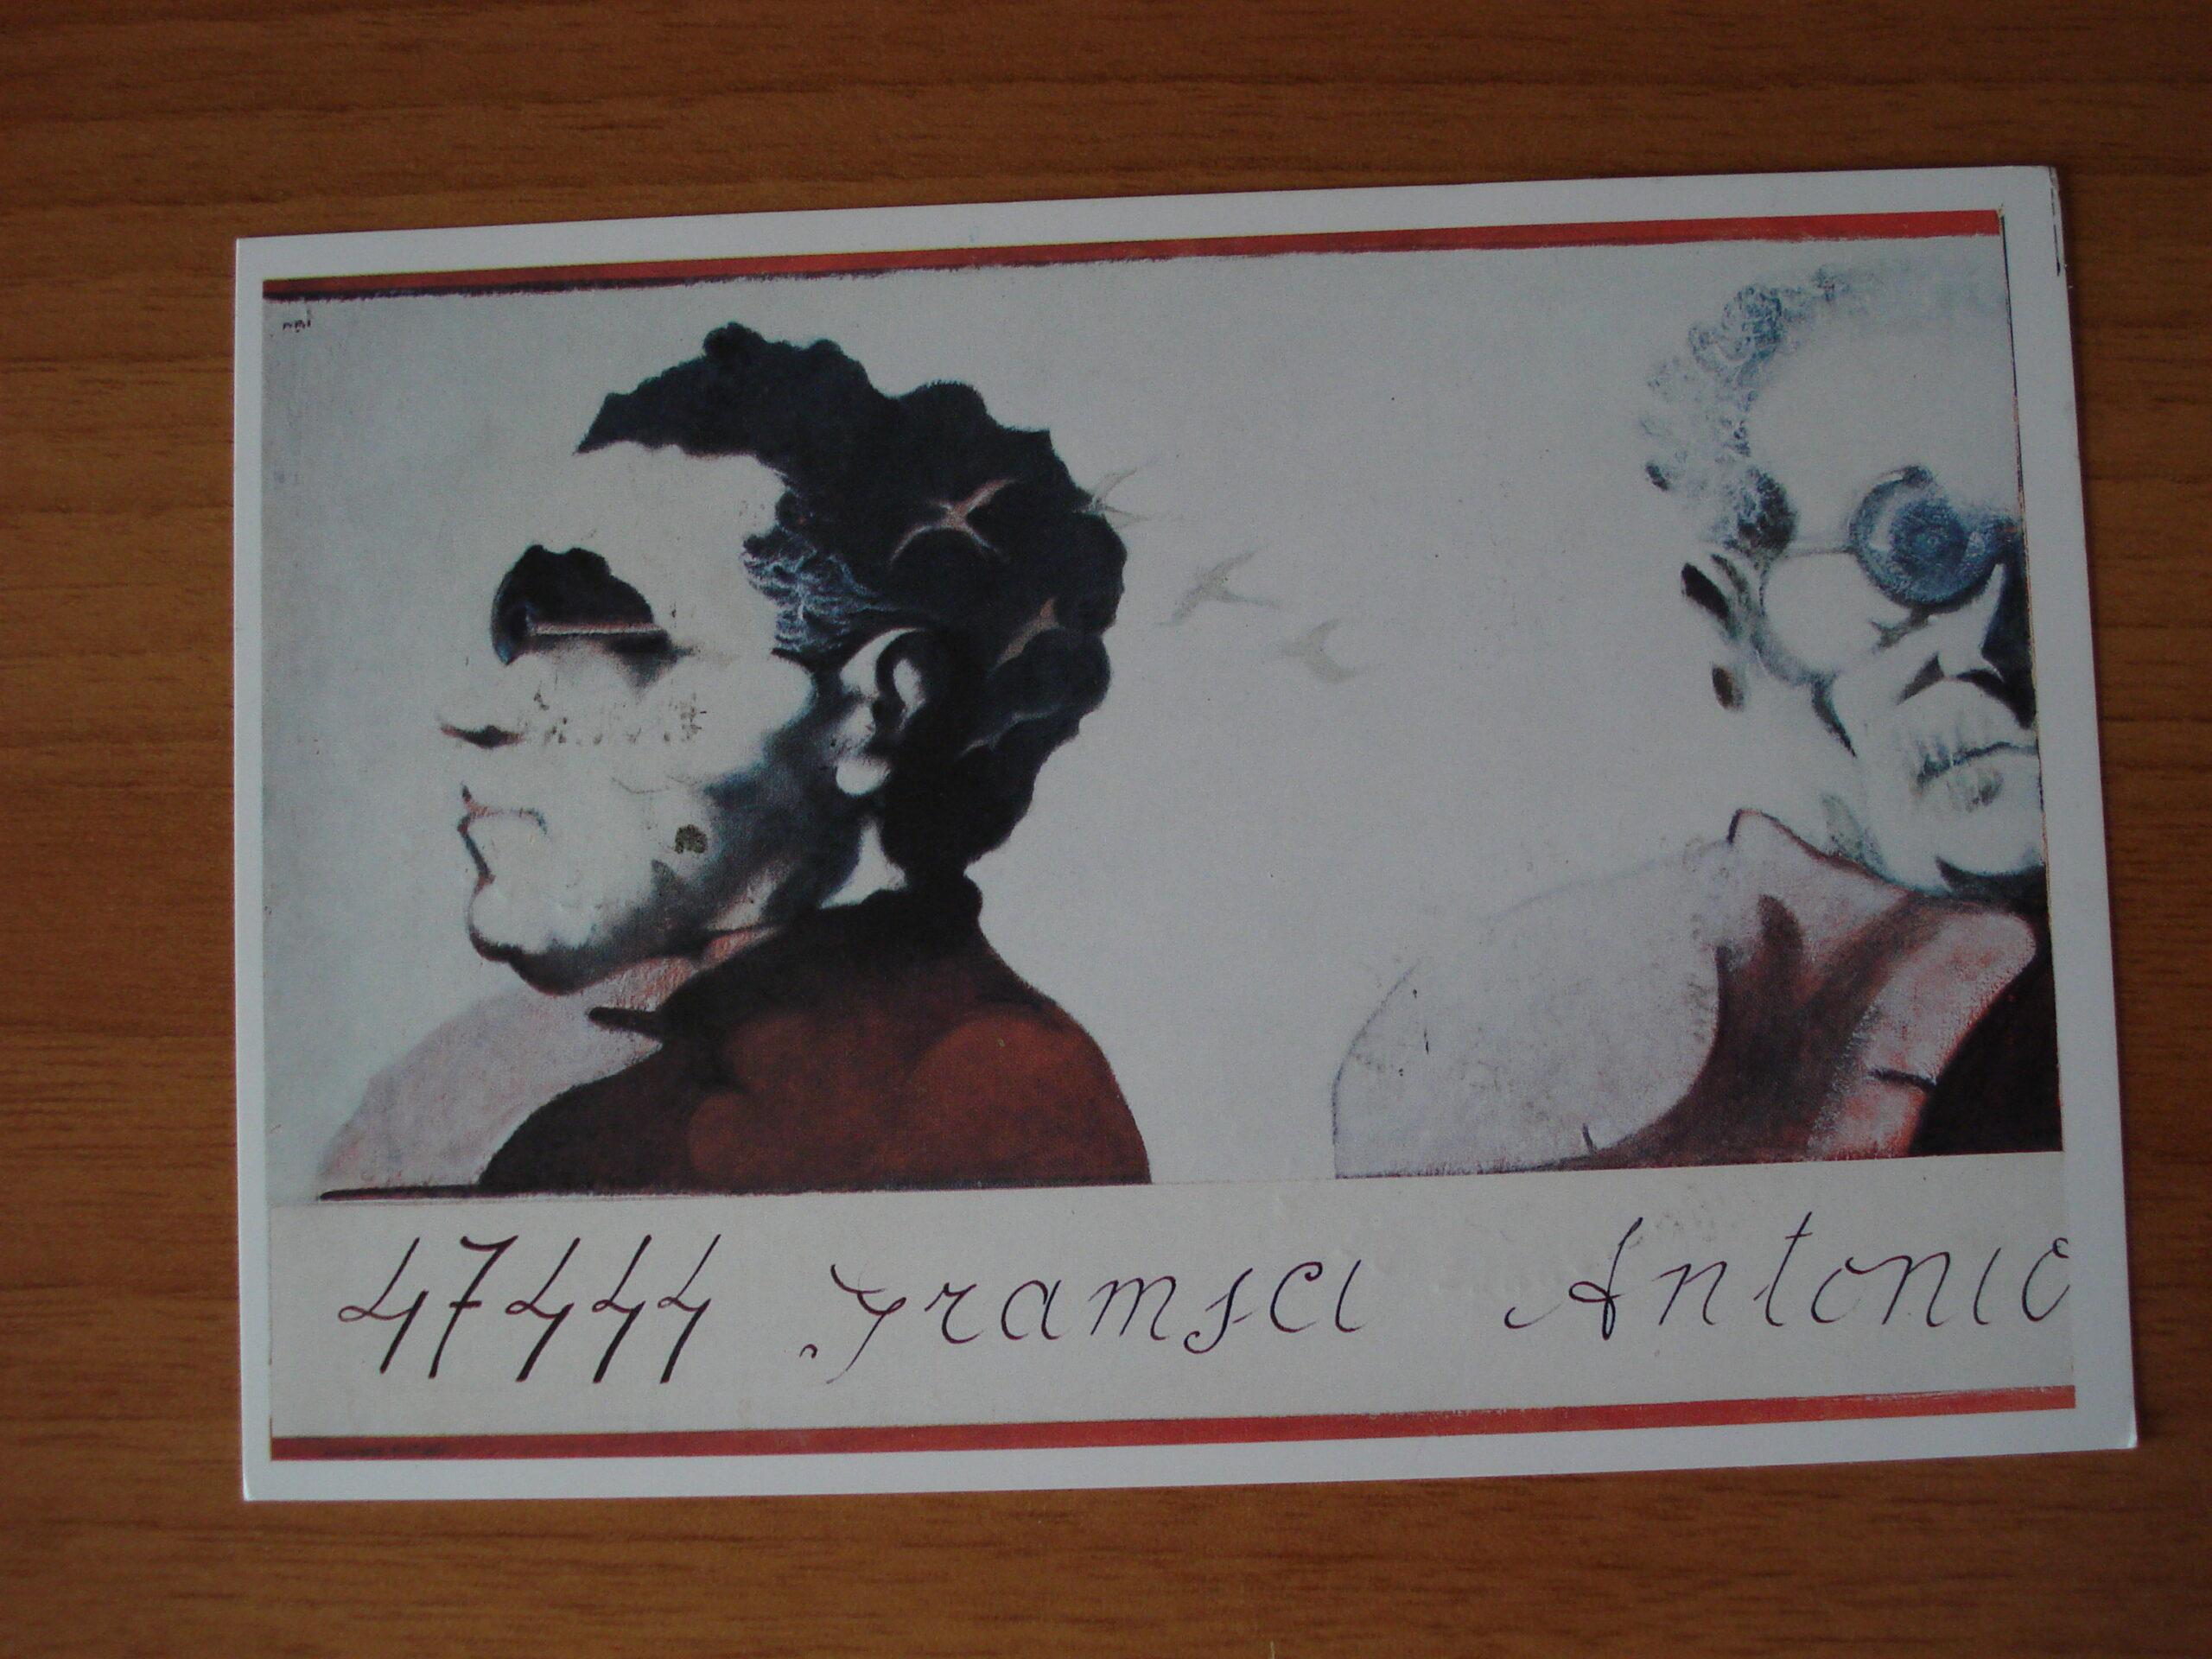 """Cartolina commemorativa emessa dal PCI nel 1987 che riproduce le foto segnaletiche di Antonio Gramsci, di profilo e di fronte, eseguite il 29 gennaio 1935.  Sotto la cartolina l'iscrizione """"47444: Gramsci Antonio"""" tratta dal fascicolo del Casellario politico centrale."""